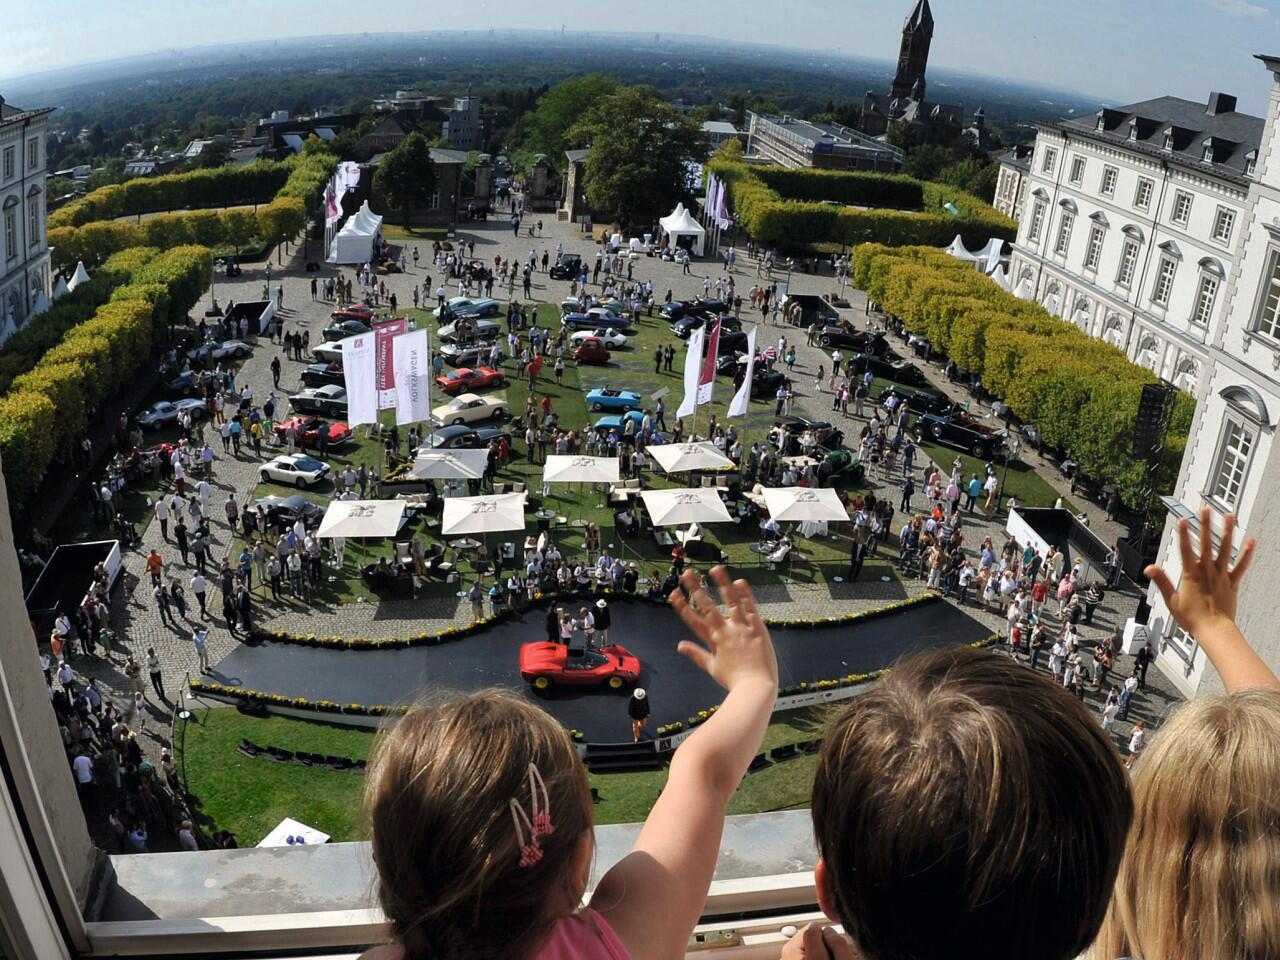 Bild zu Schloss Bensberg Classics: Begeisterndes Oldtimer-Event in prachtvollem Ambiente